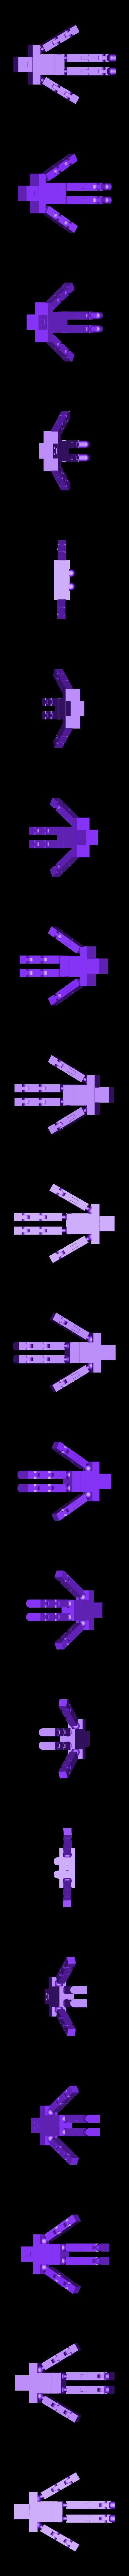 Robot03.stl Download free STL file Articulated Robot • 3D printable design, Balkhubal